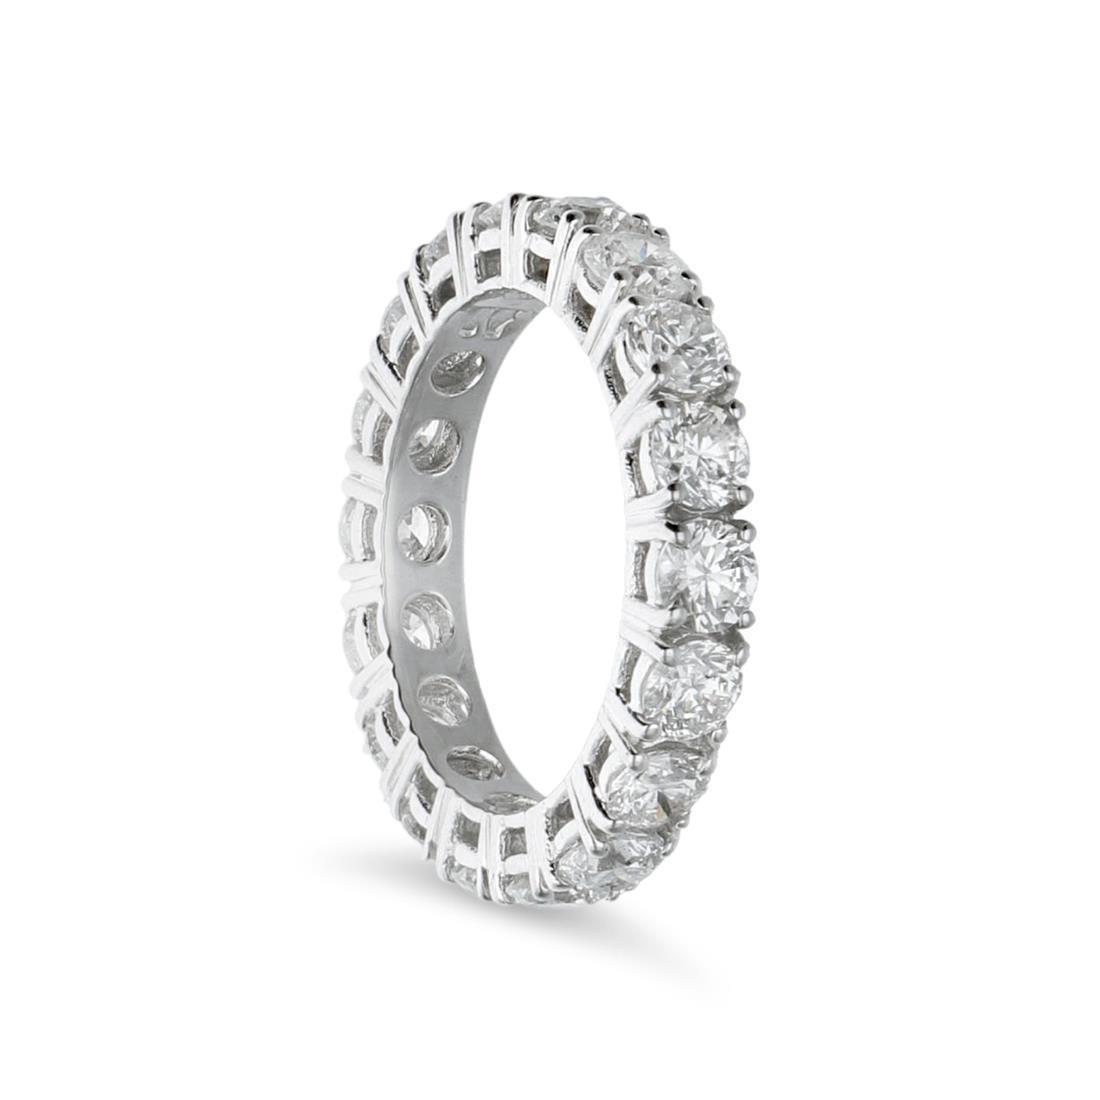 Anello eternity con diamanti - ALFIERI & ST. JOHN